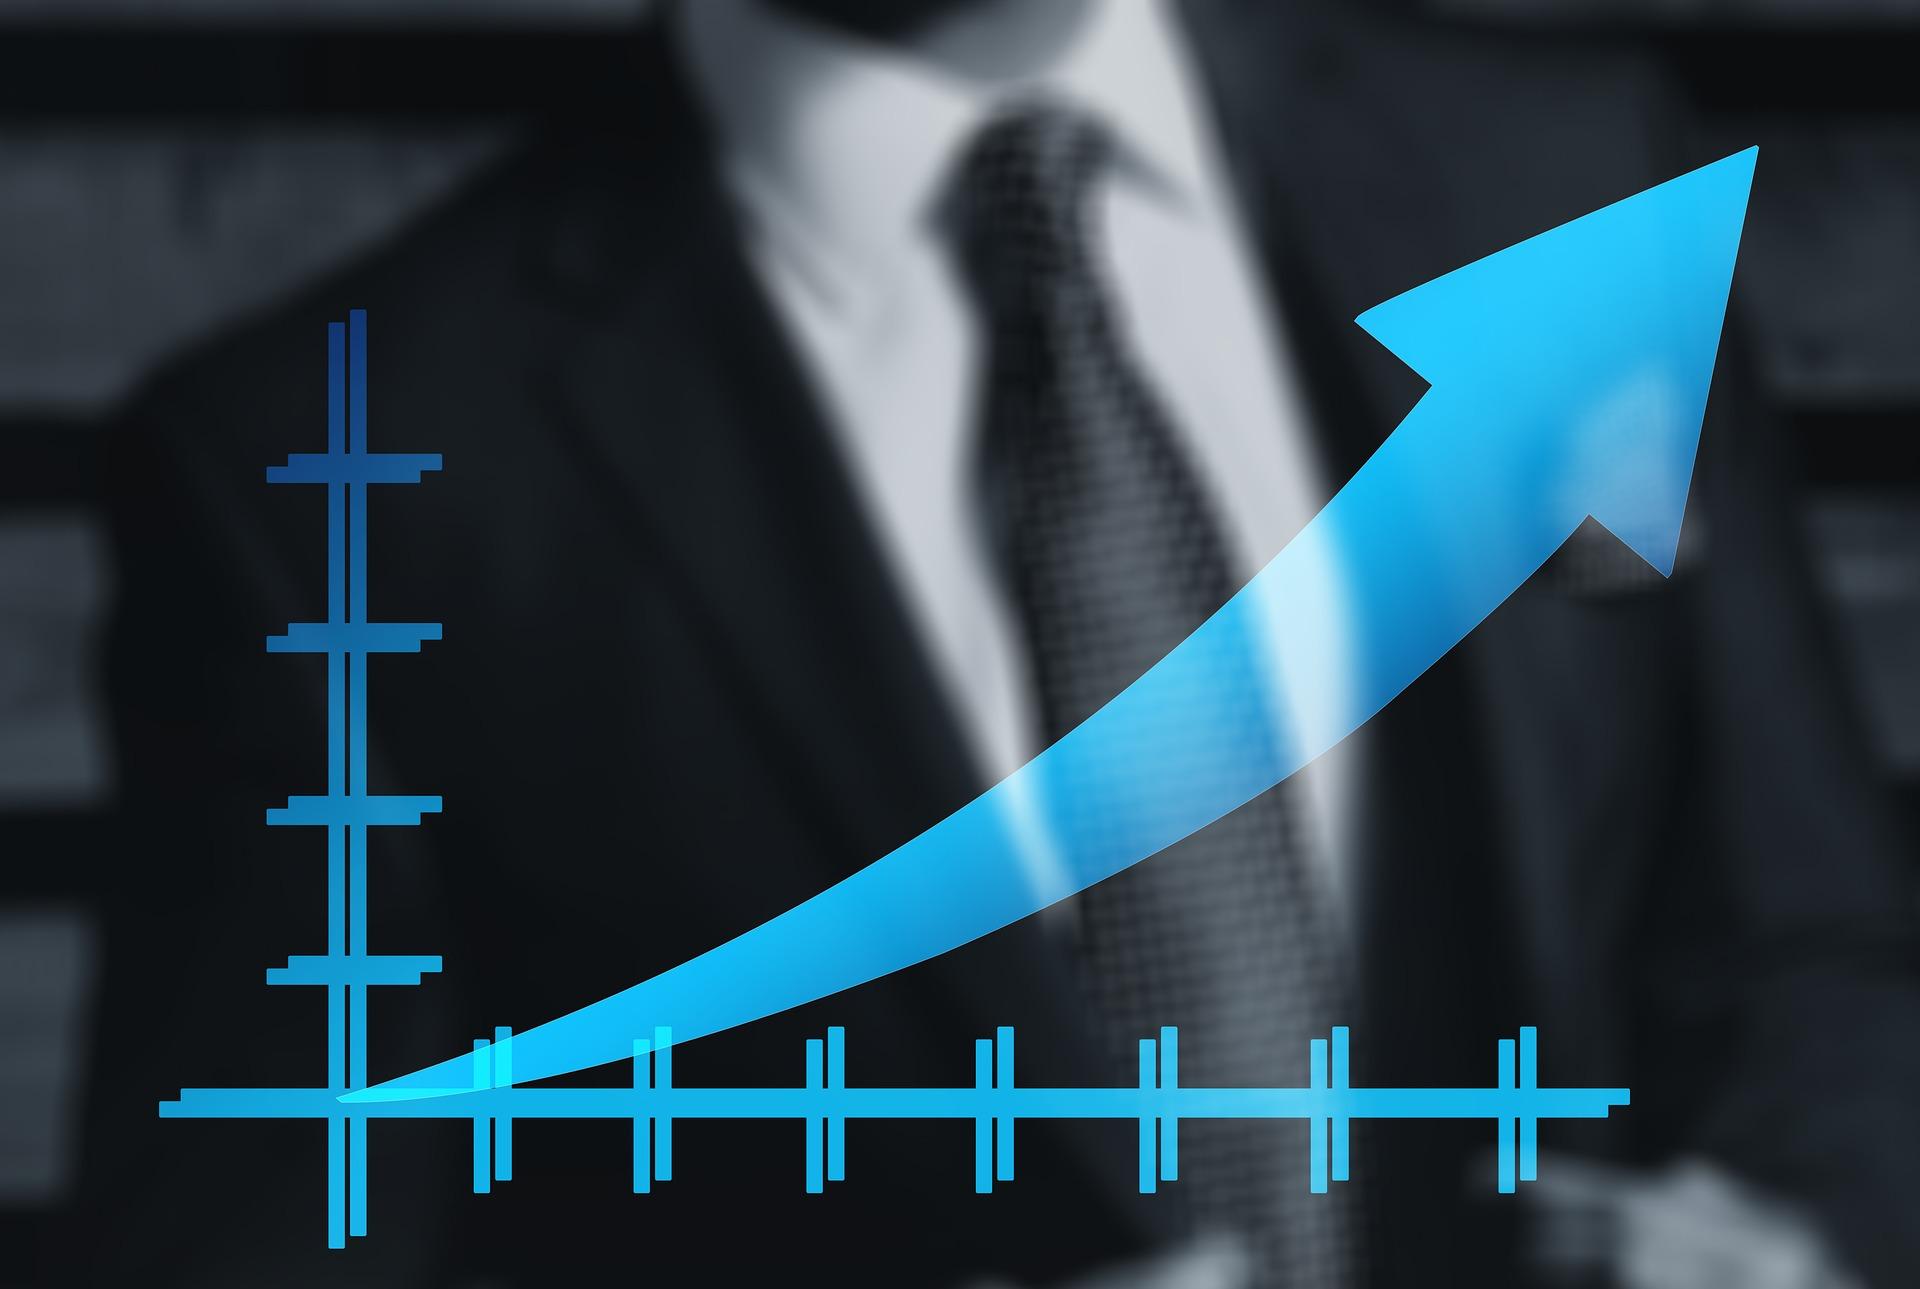 Utilidades de Citibanamex crecieron 53%